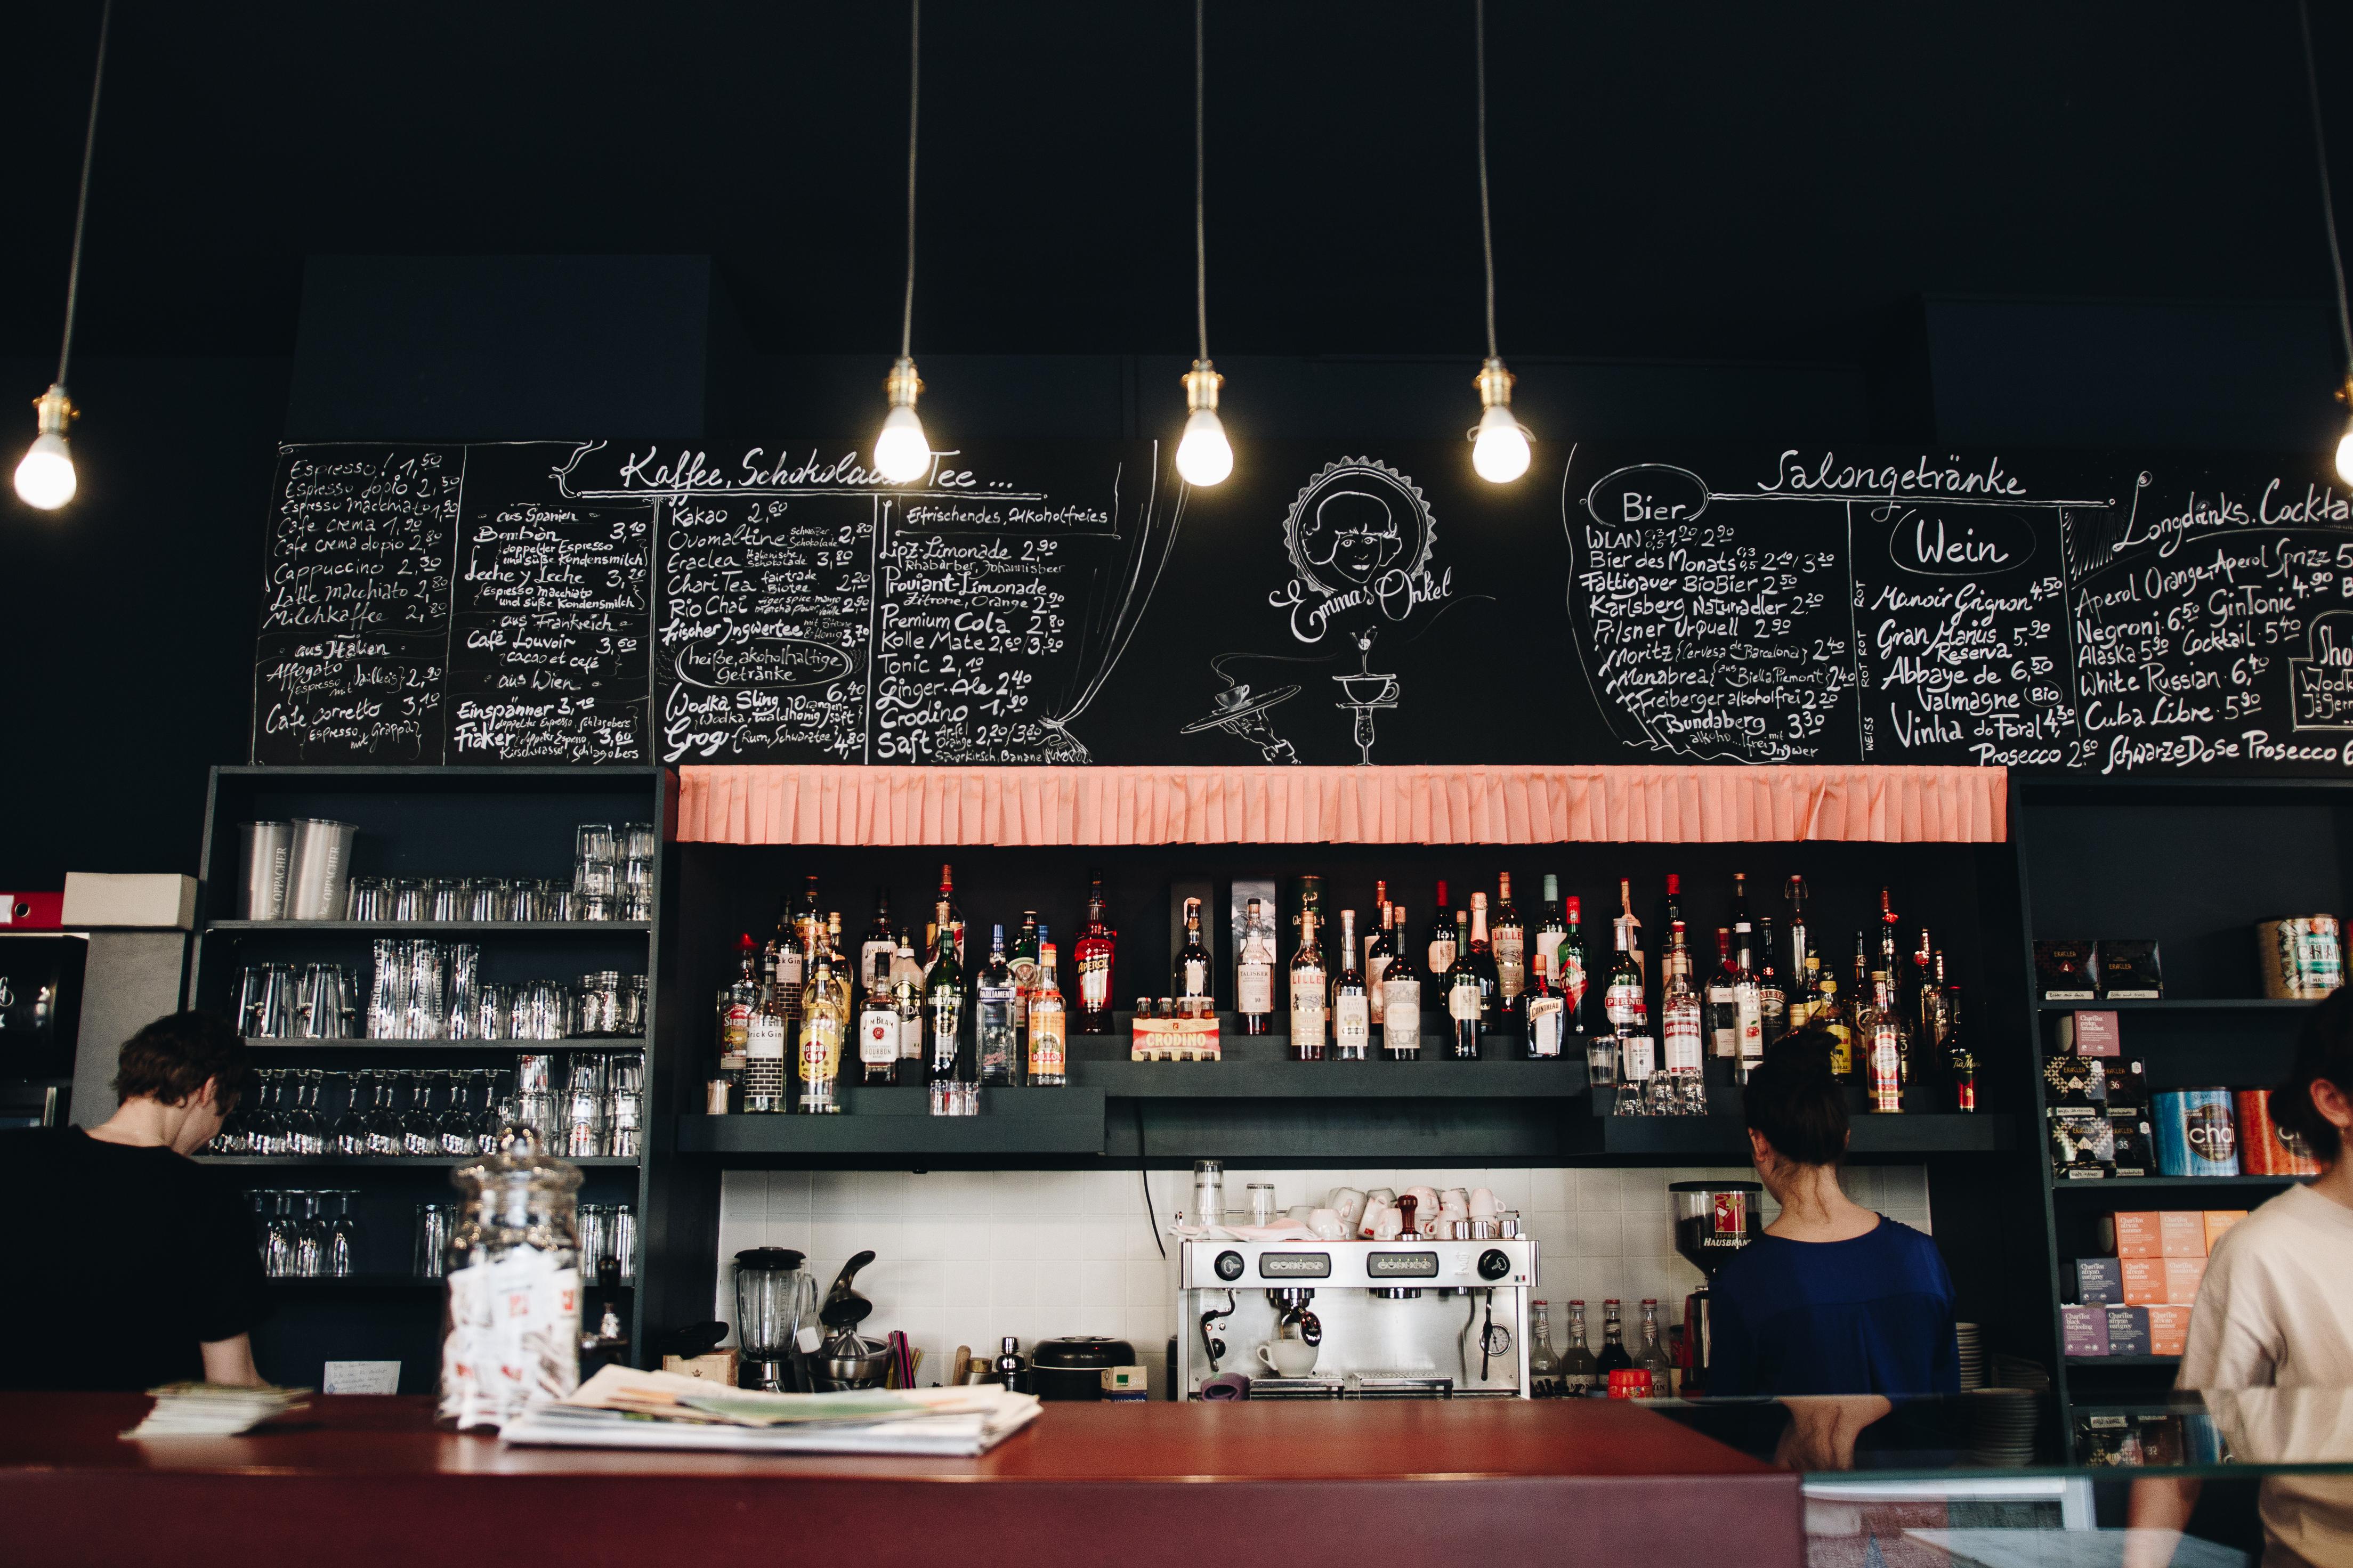 emmas onkel-chemnitz-café-kuchen-annabelle sagt10